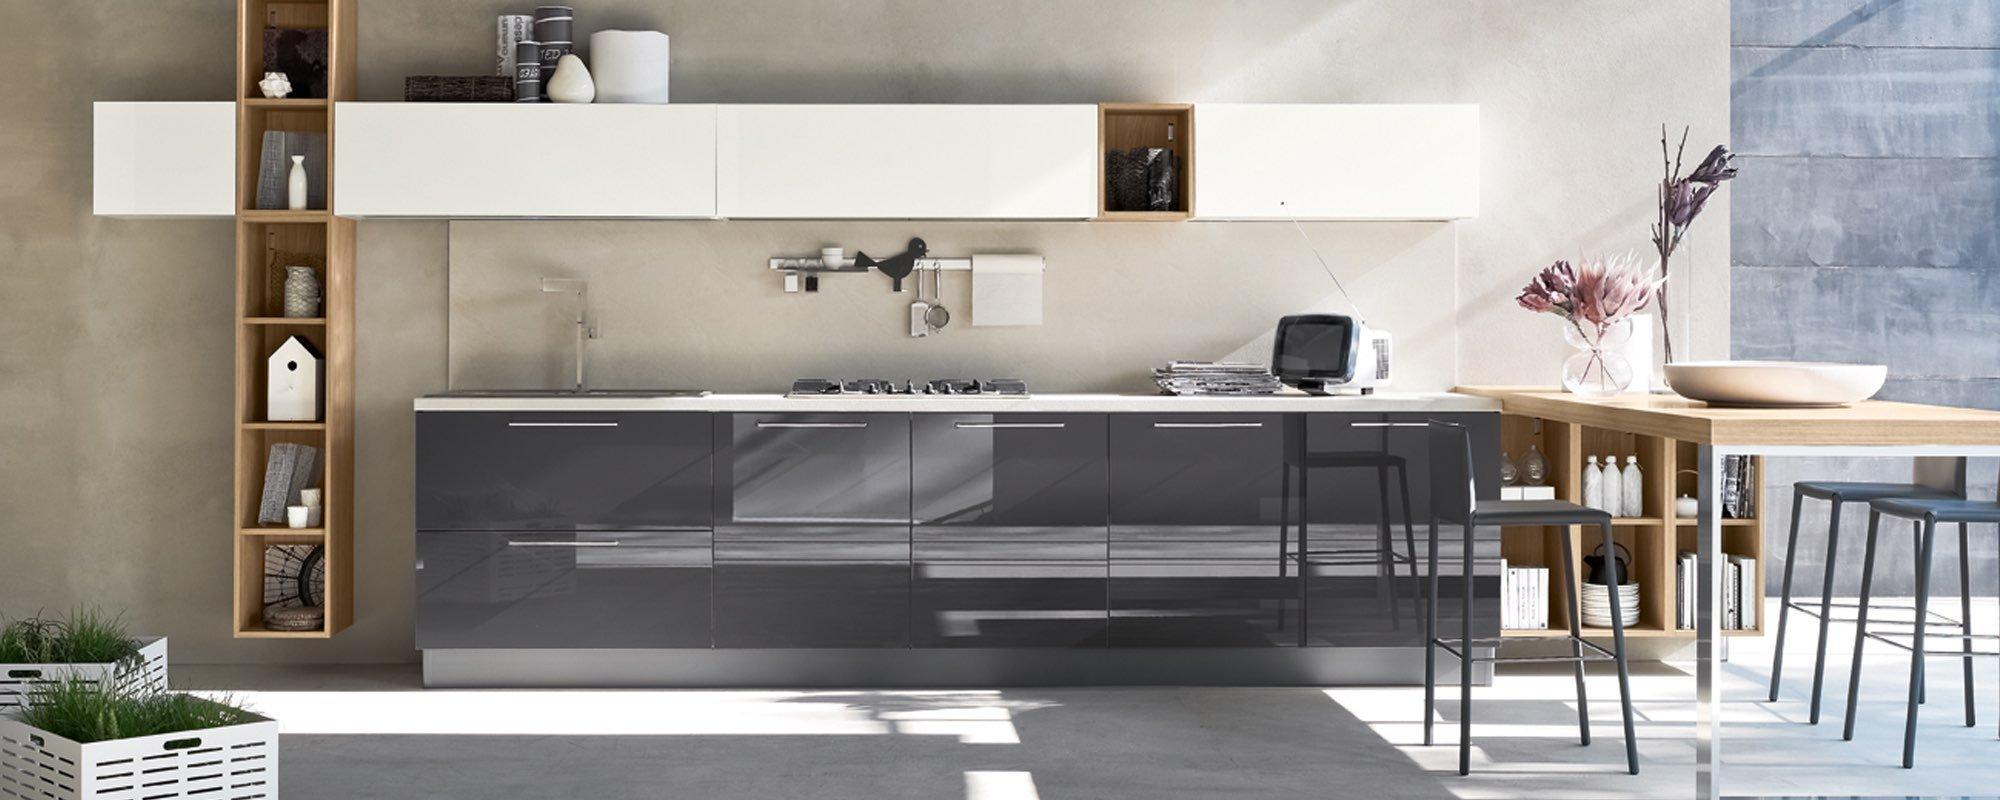 bancone di una cucina con tavolo, sedie, vetrina in legno e ben arredato -Aleve